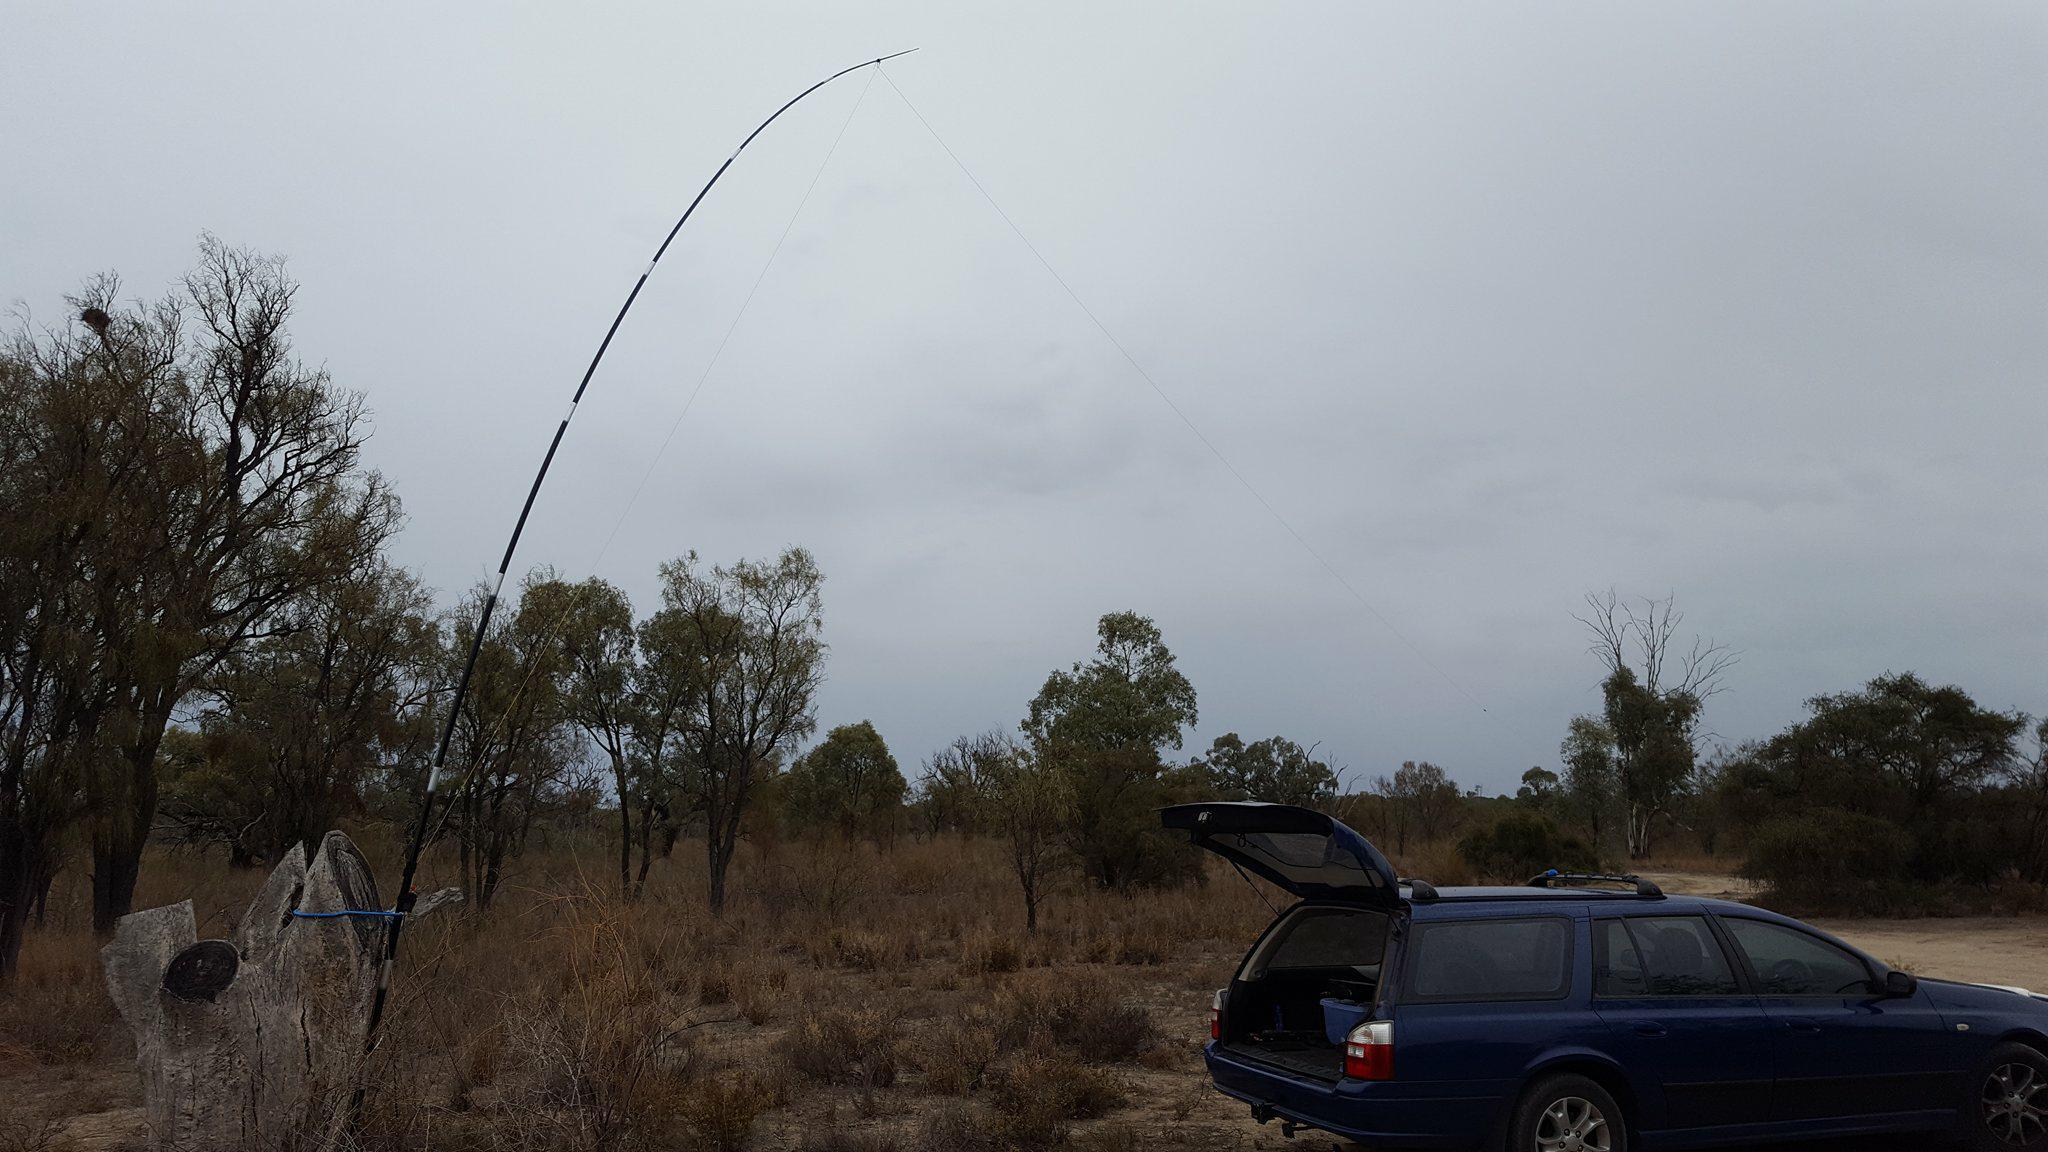 Car and Antenna